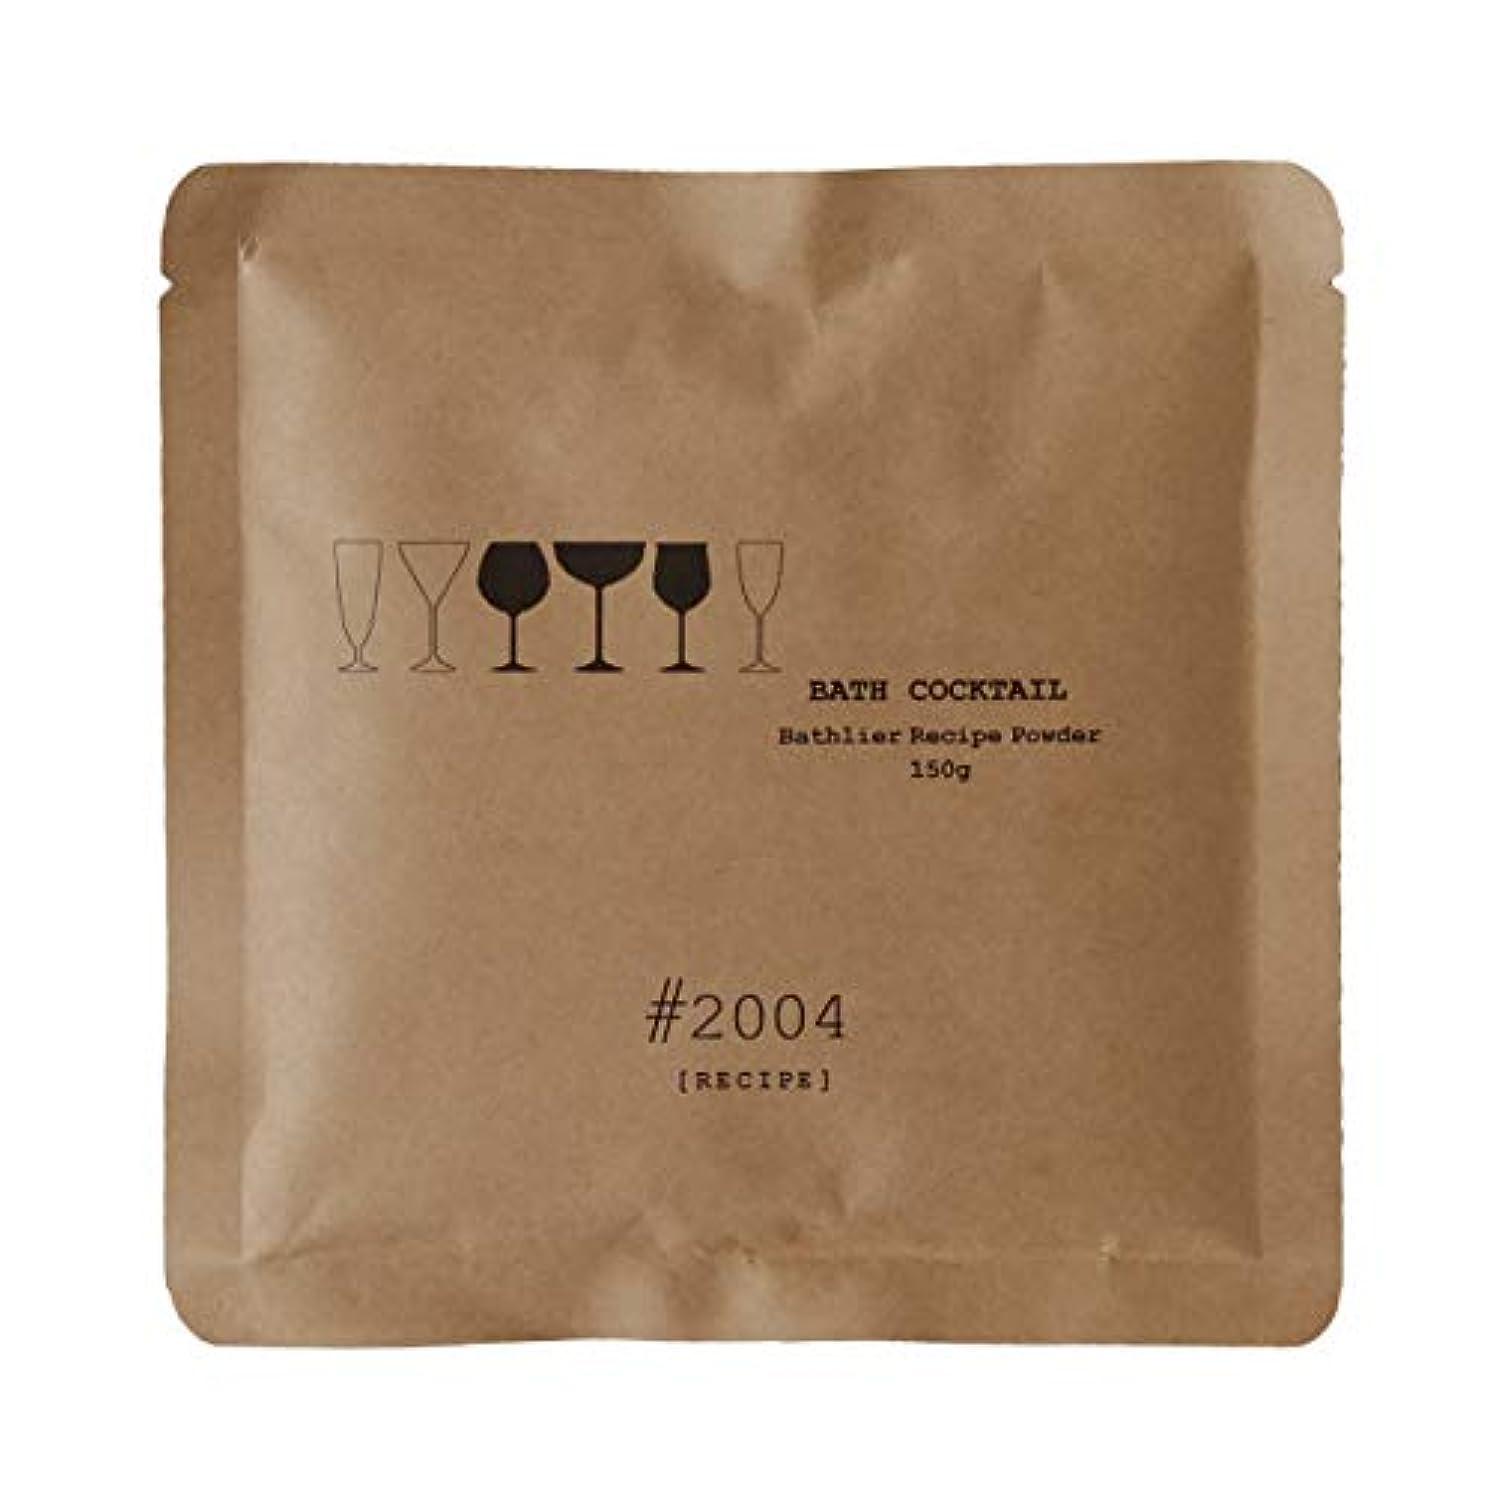 モザイク敬意を表して塊入浴剤「Bathlier(バスリエ)バスカクテル」バスリエレシピパウダー(150g)#2004